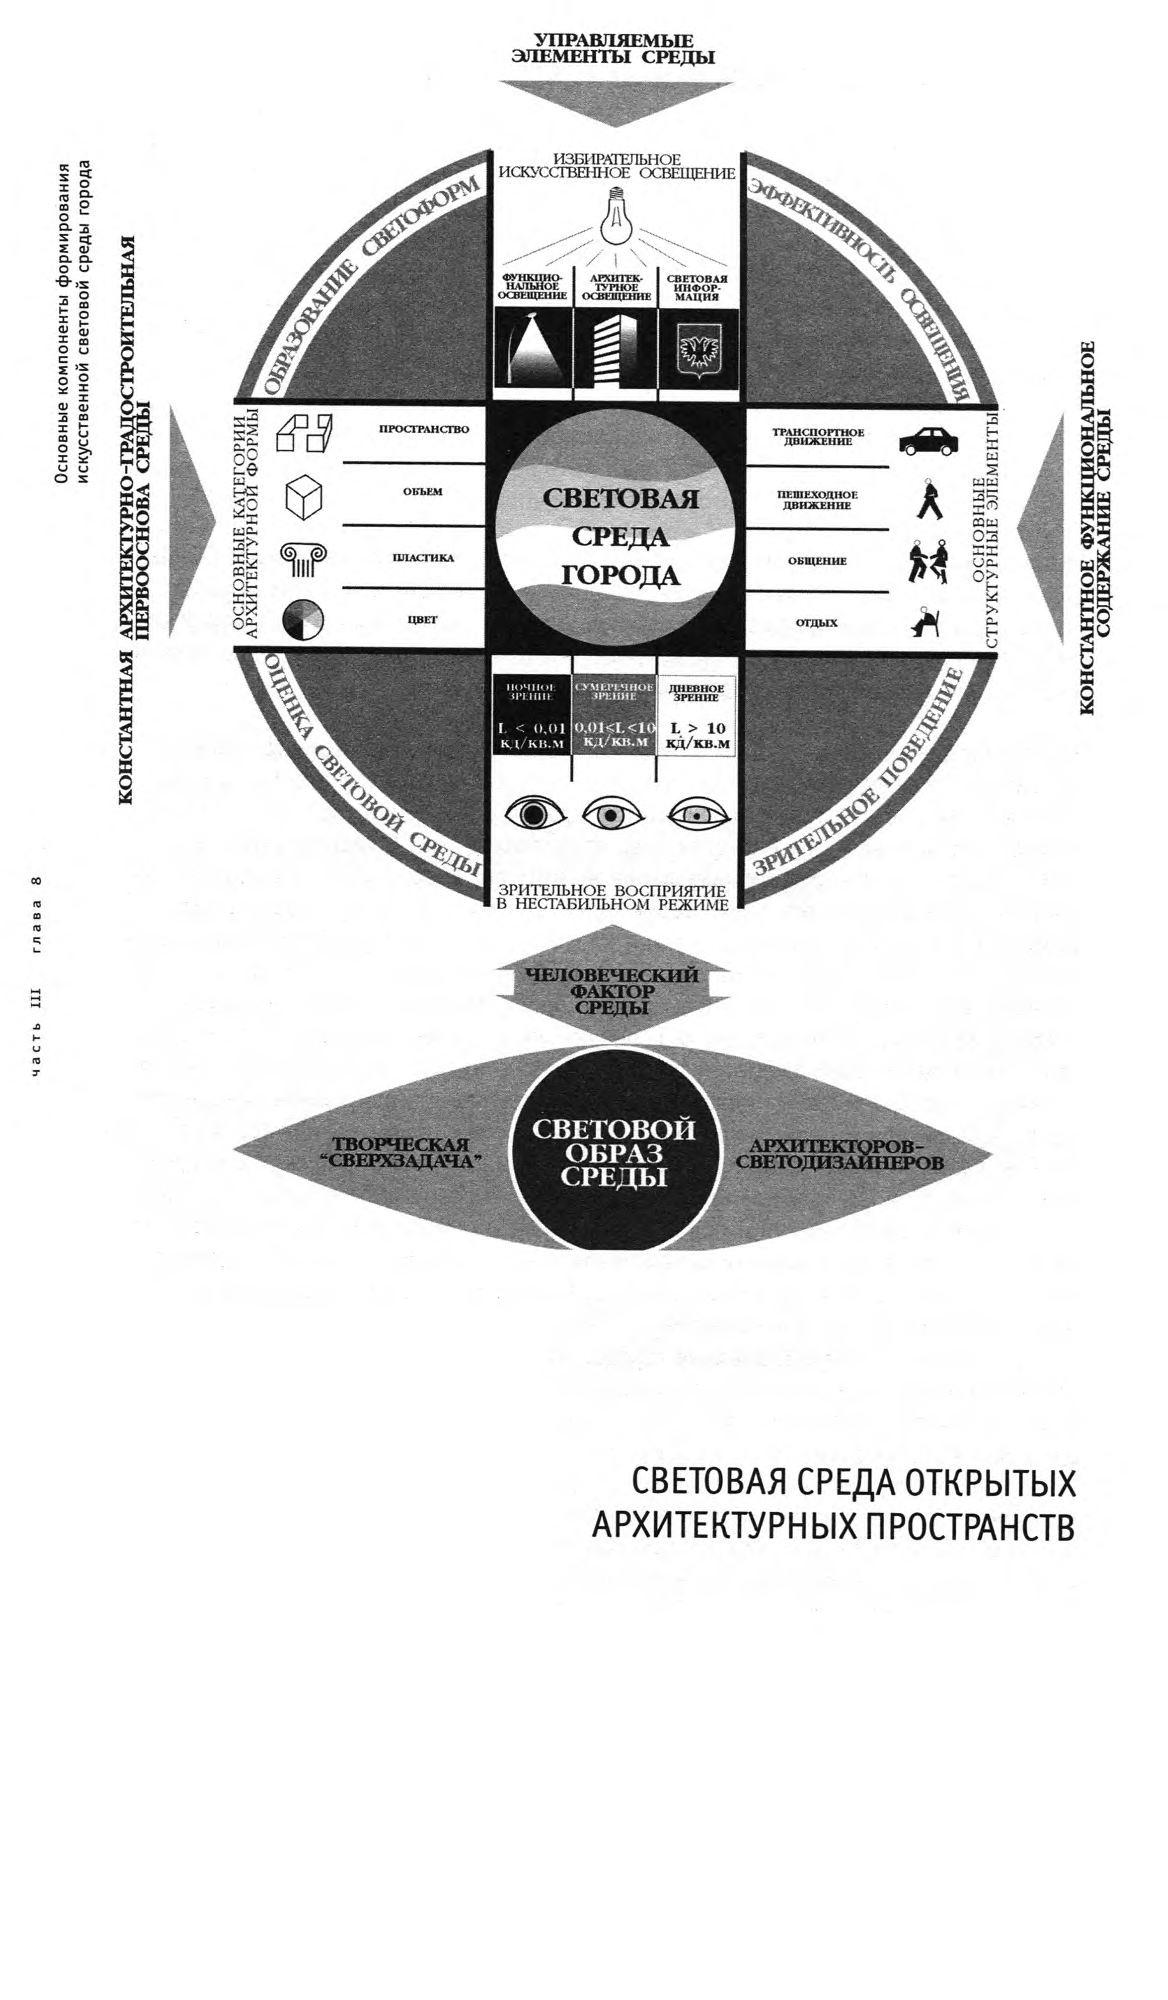 Вузы москвы дизайн среды